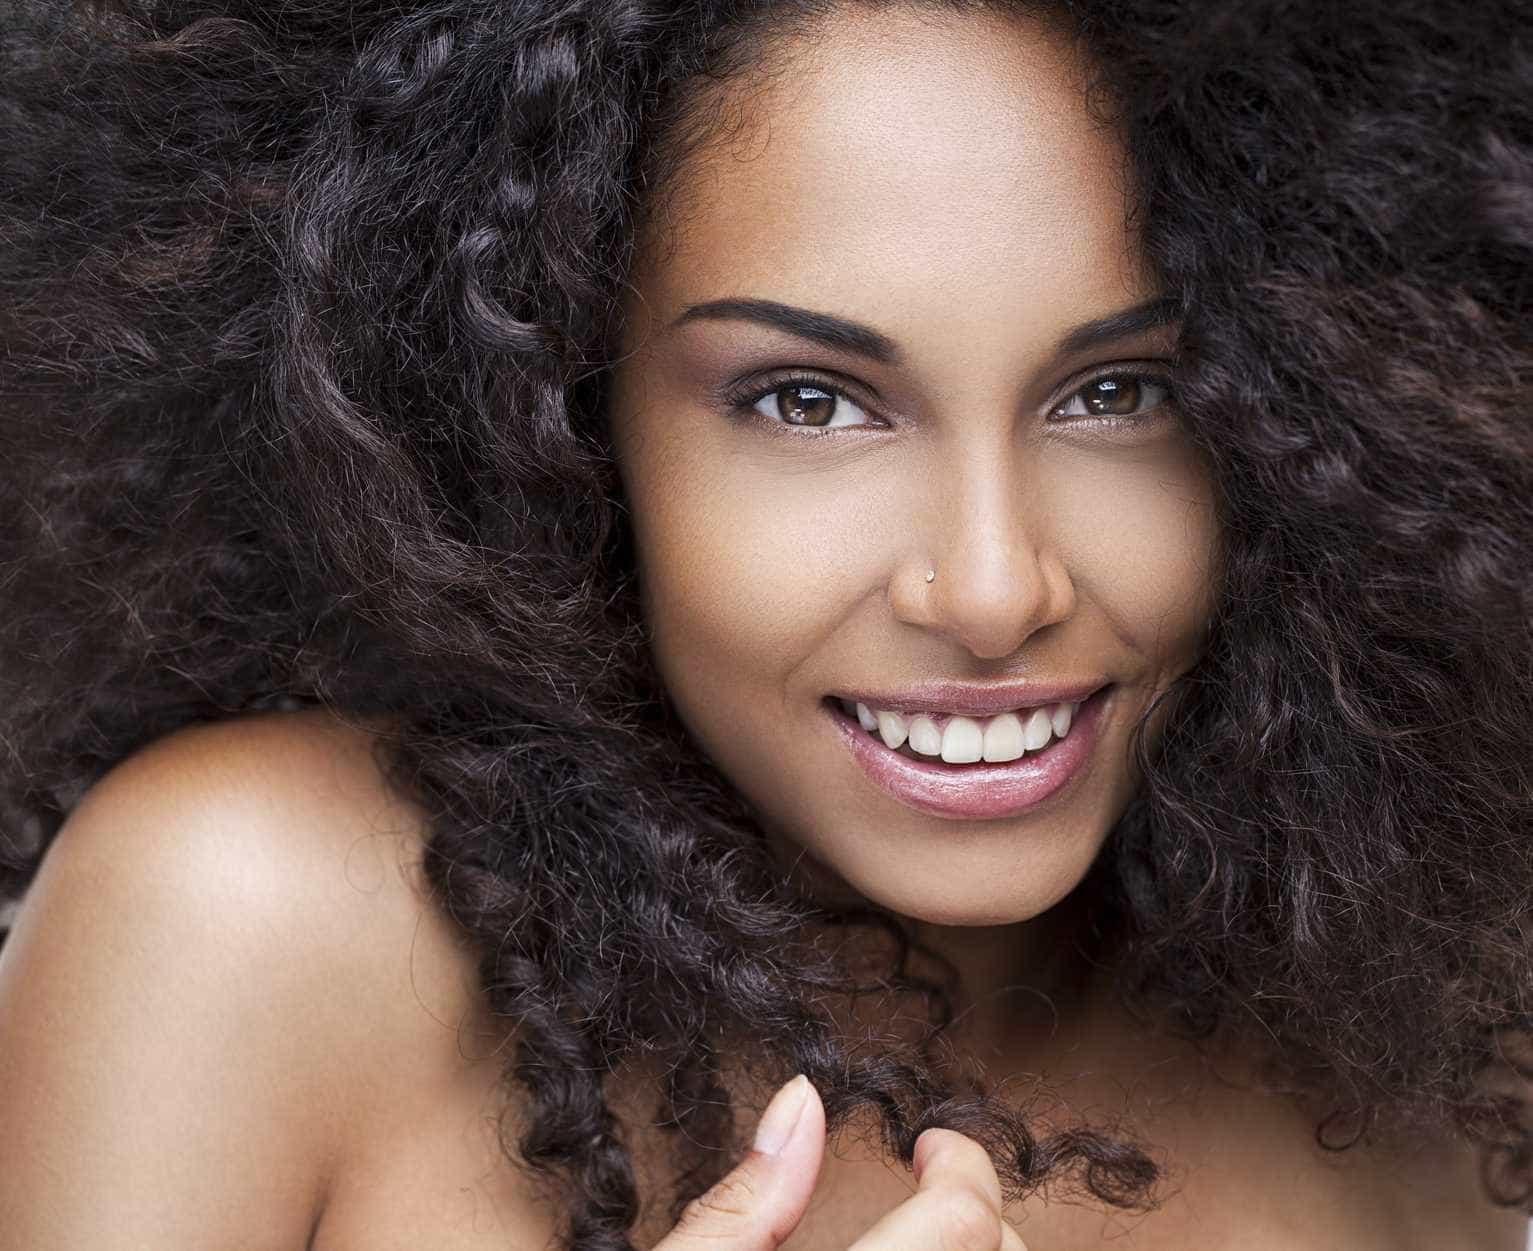 Saiba a rotina certa para evitar e tratar manchas na pele negra